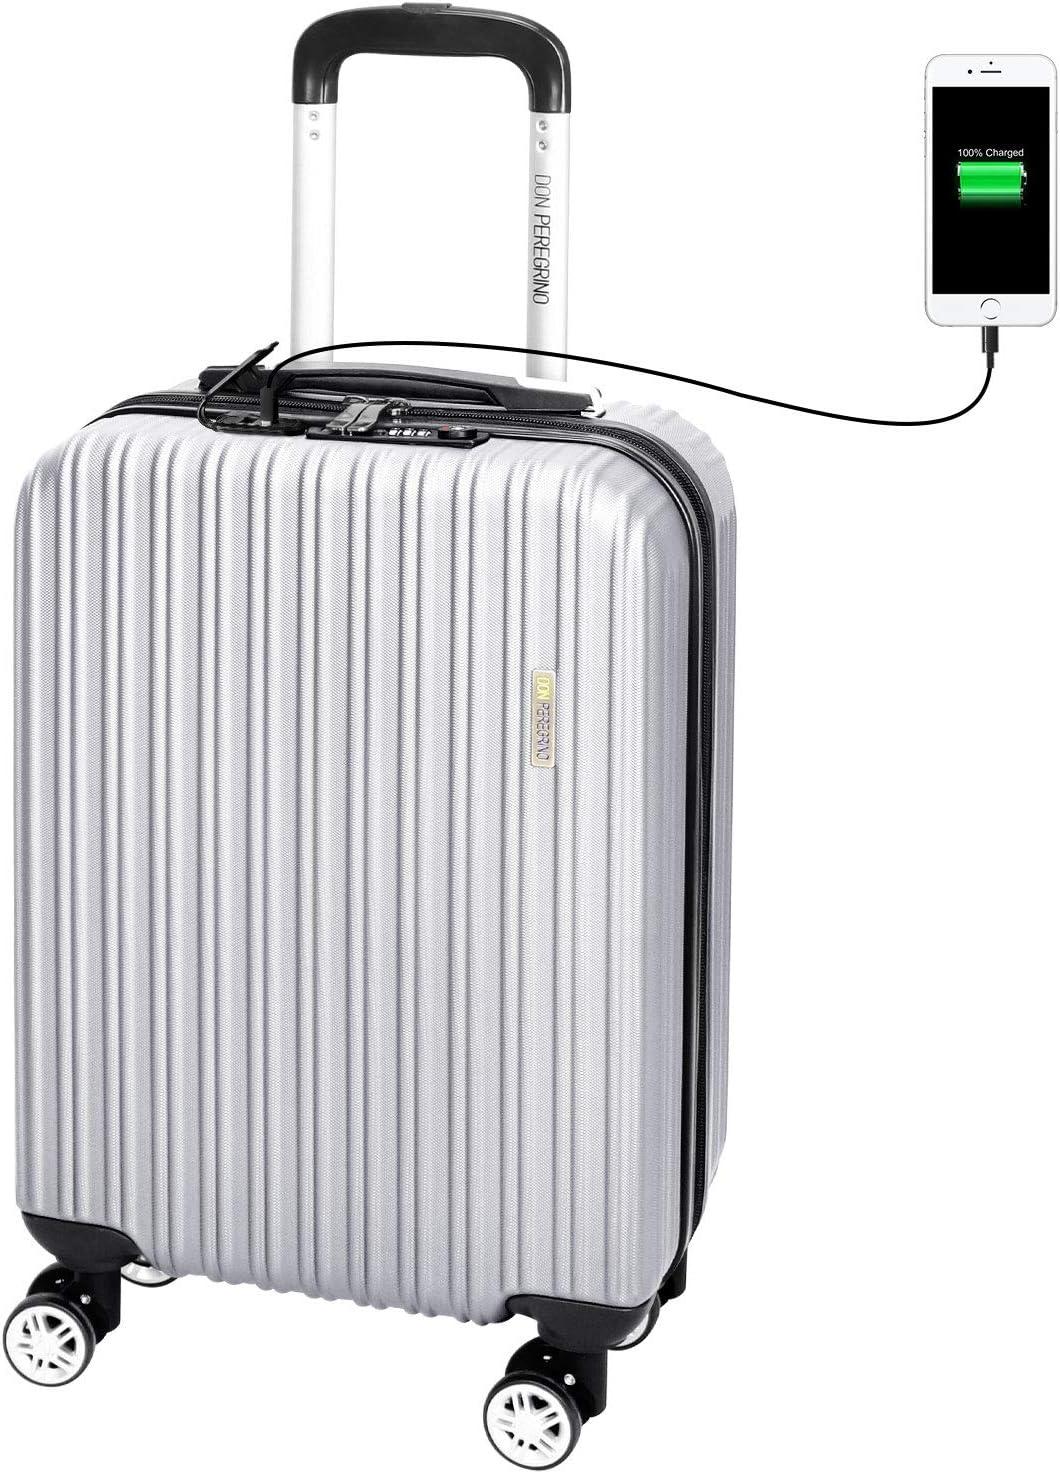 DONPEREGRINO 55cm Maleta Cabina Avión con Candado TSA y USB de Carga, Maleta de Viaje Equipaje de Mano Full Forrada con 4 Doble-Ruedas 360° Giratorias